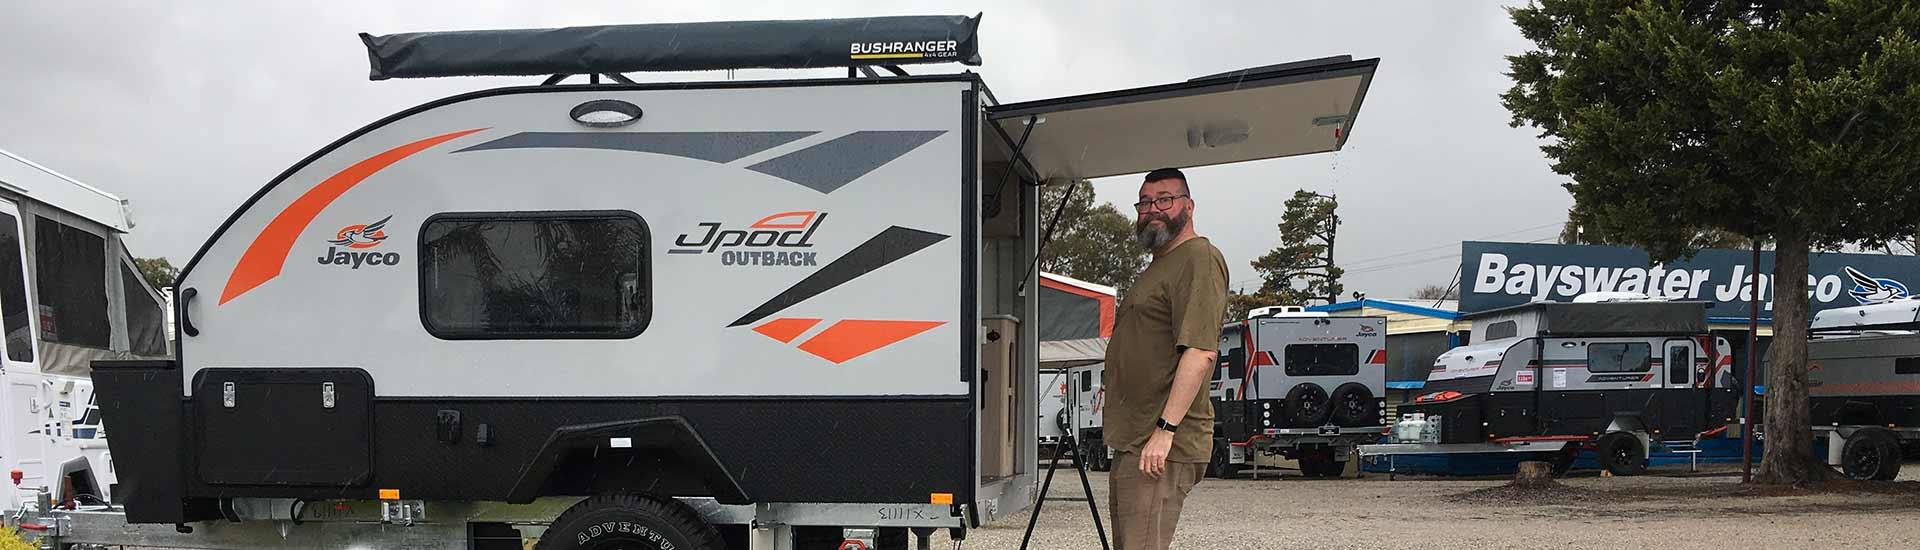 Jayco Jpod Outback